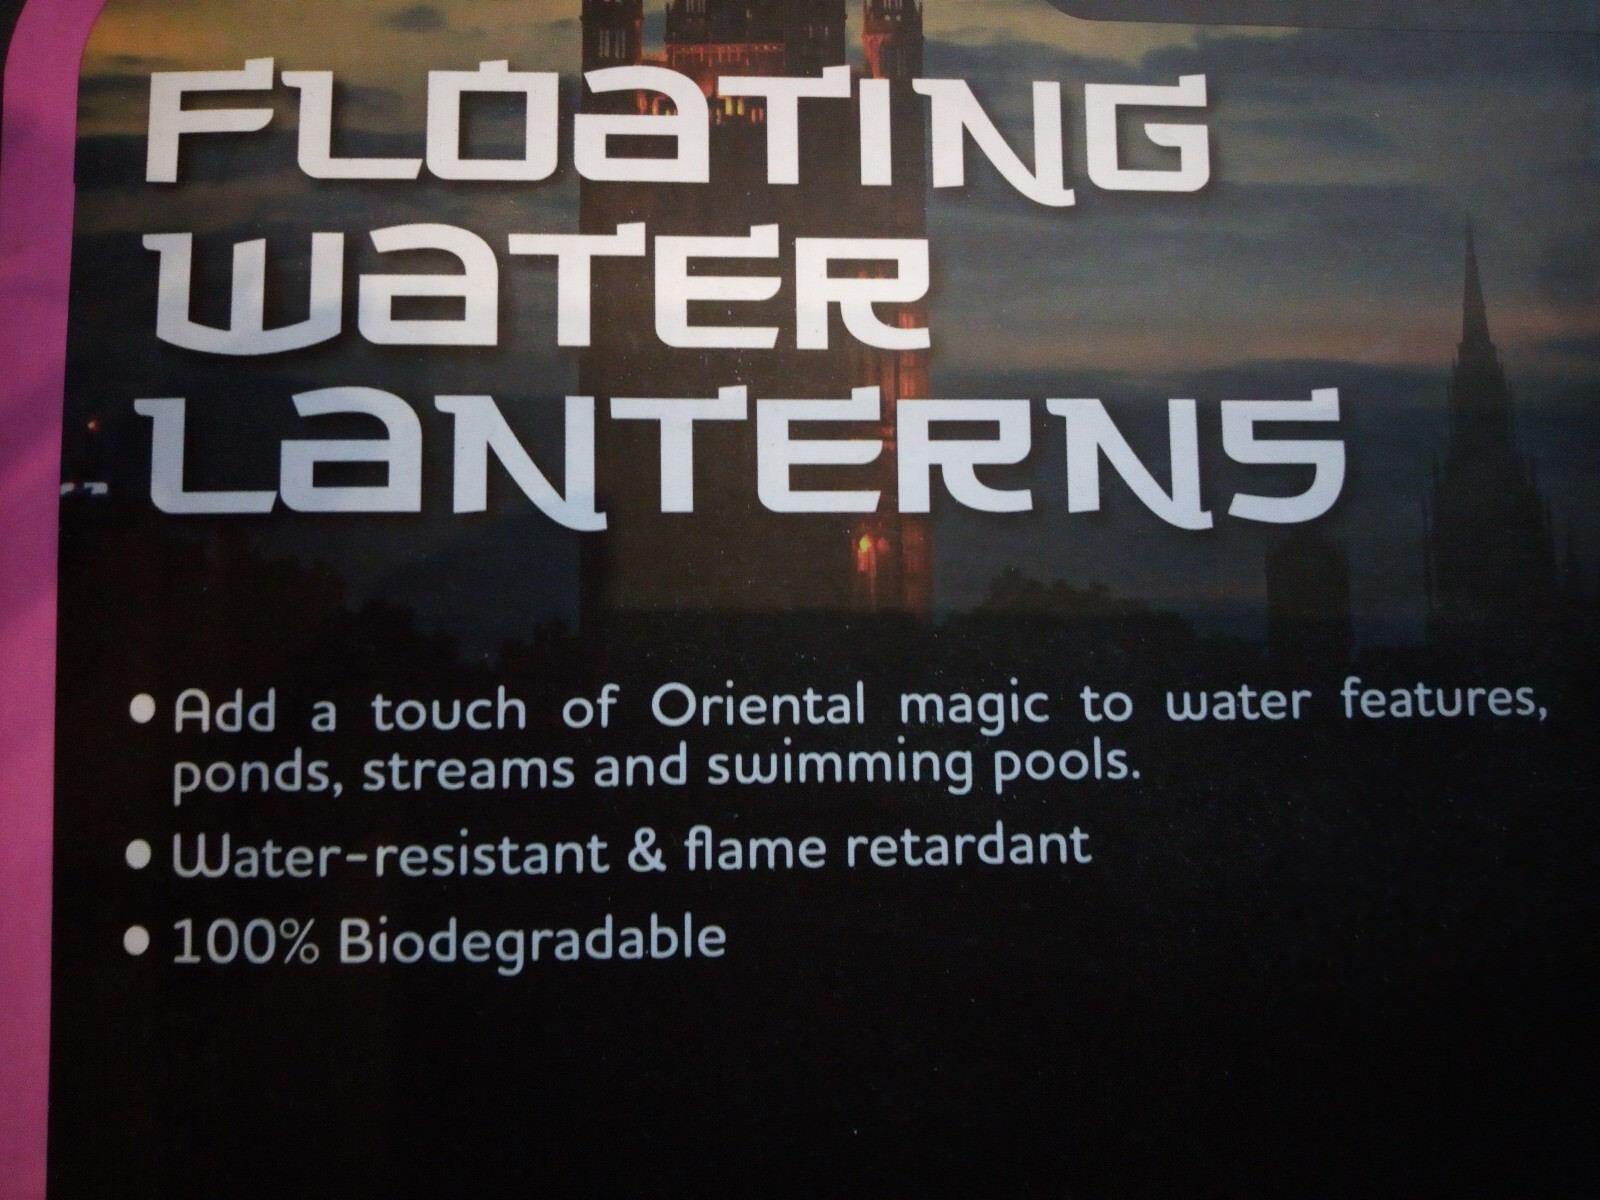 Floating Water Lanterns - Schwimmende Wasserlaternen